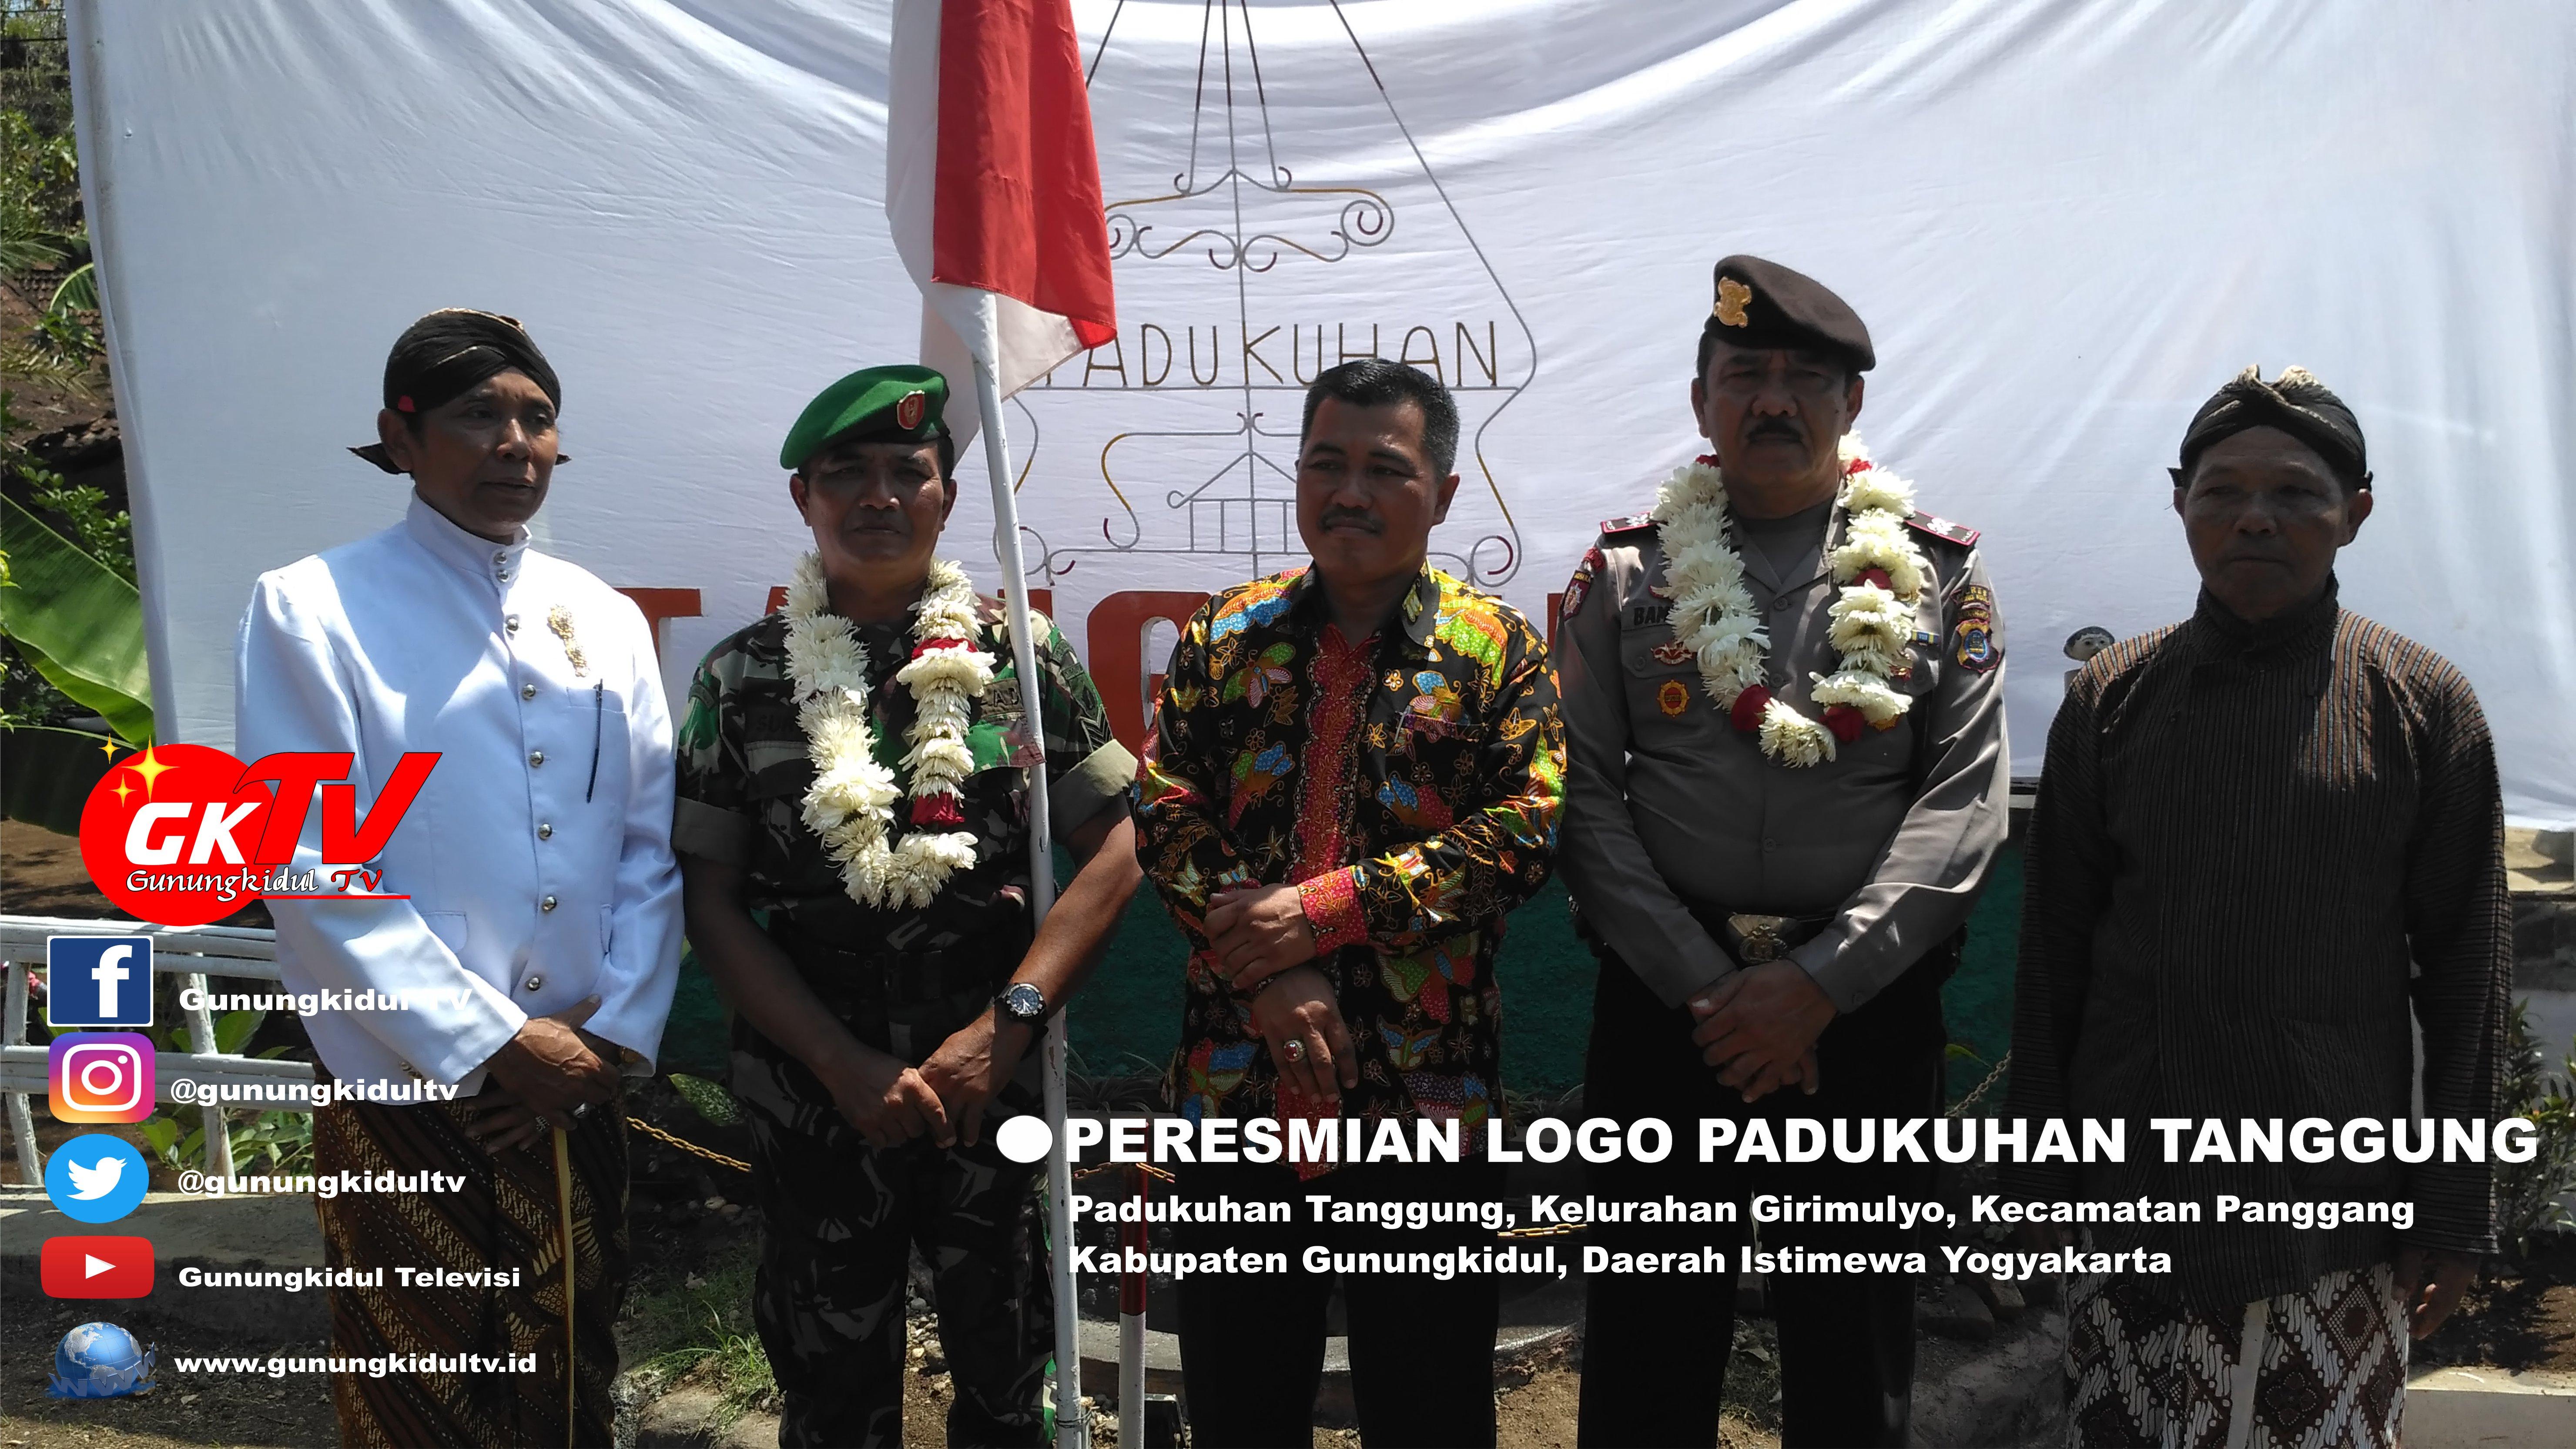 Peresmian Logo Dusun Tanggung Desa Girimulyo Panggang Gunungkidul